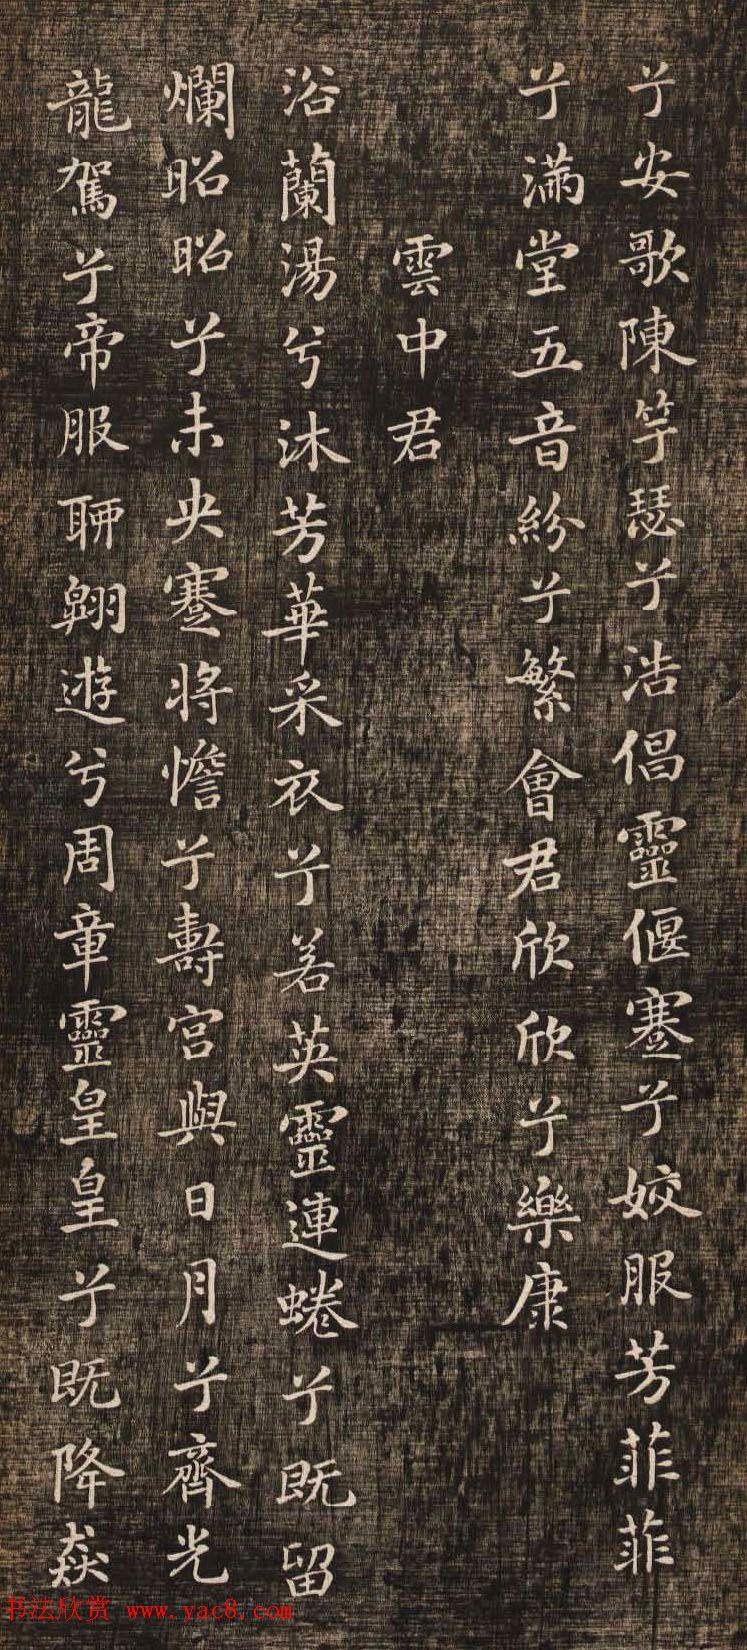 米芾小楷书法《九歌》两种版本